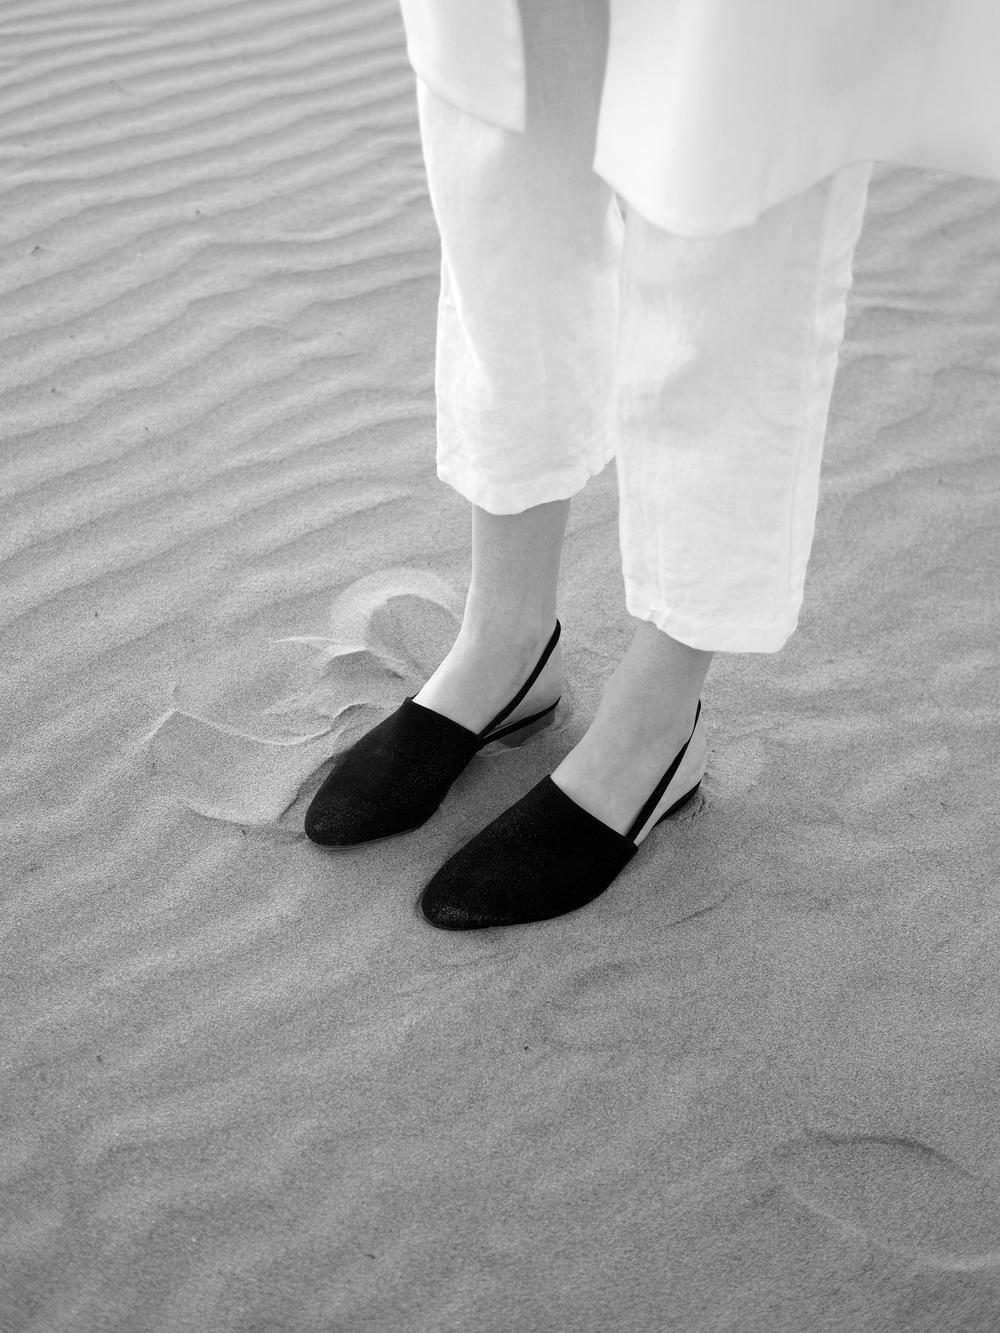 Ilana Kohn & Vince / Anne Thomas x Taylr Anne